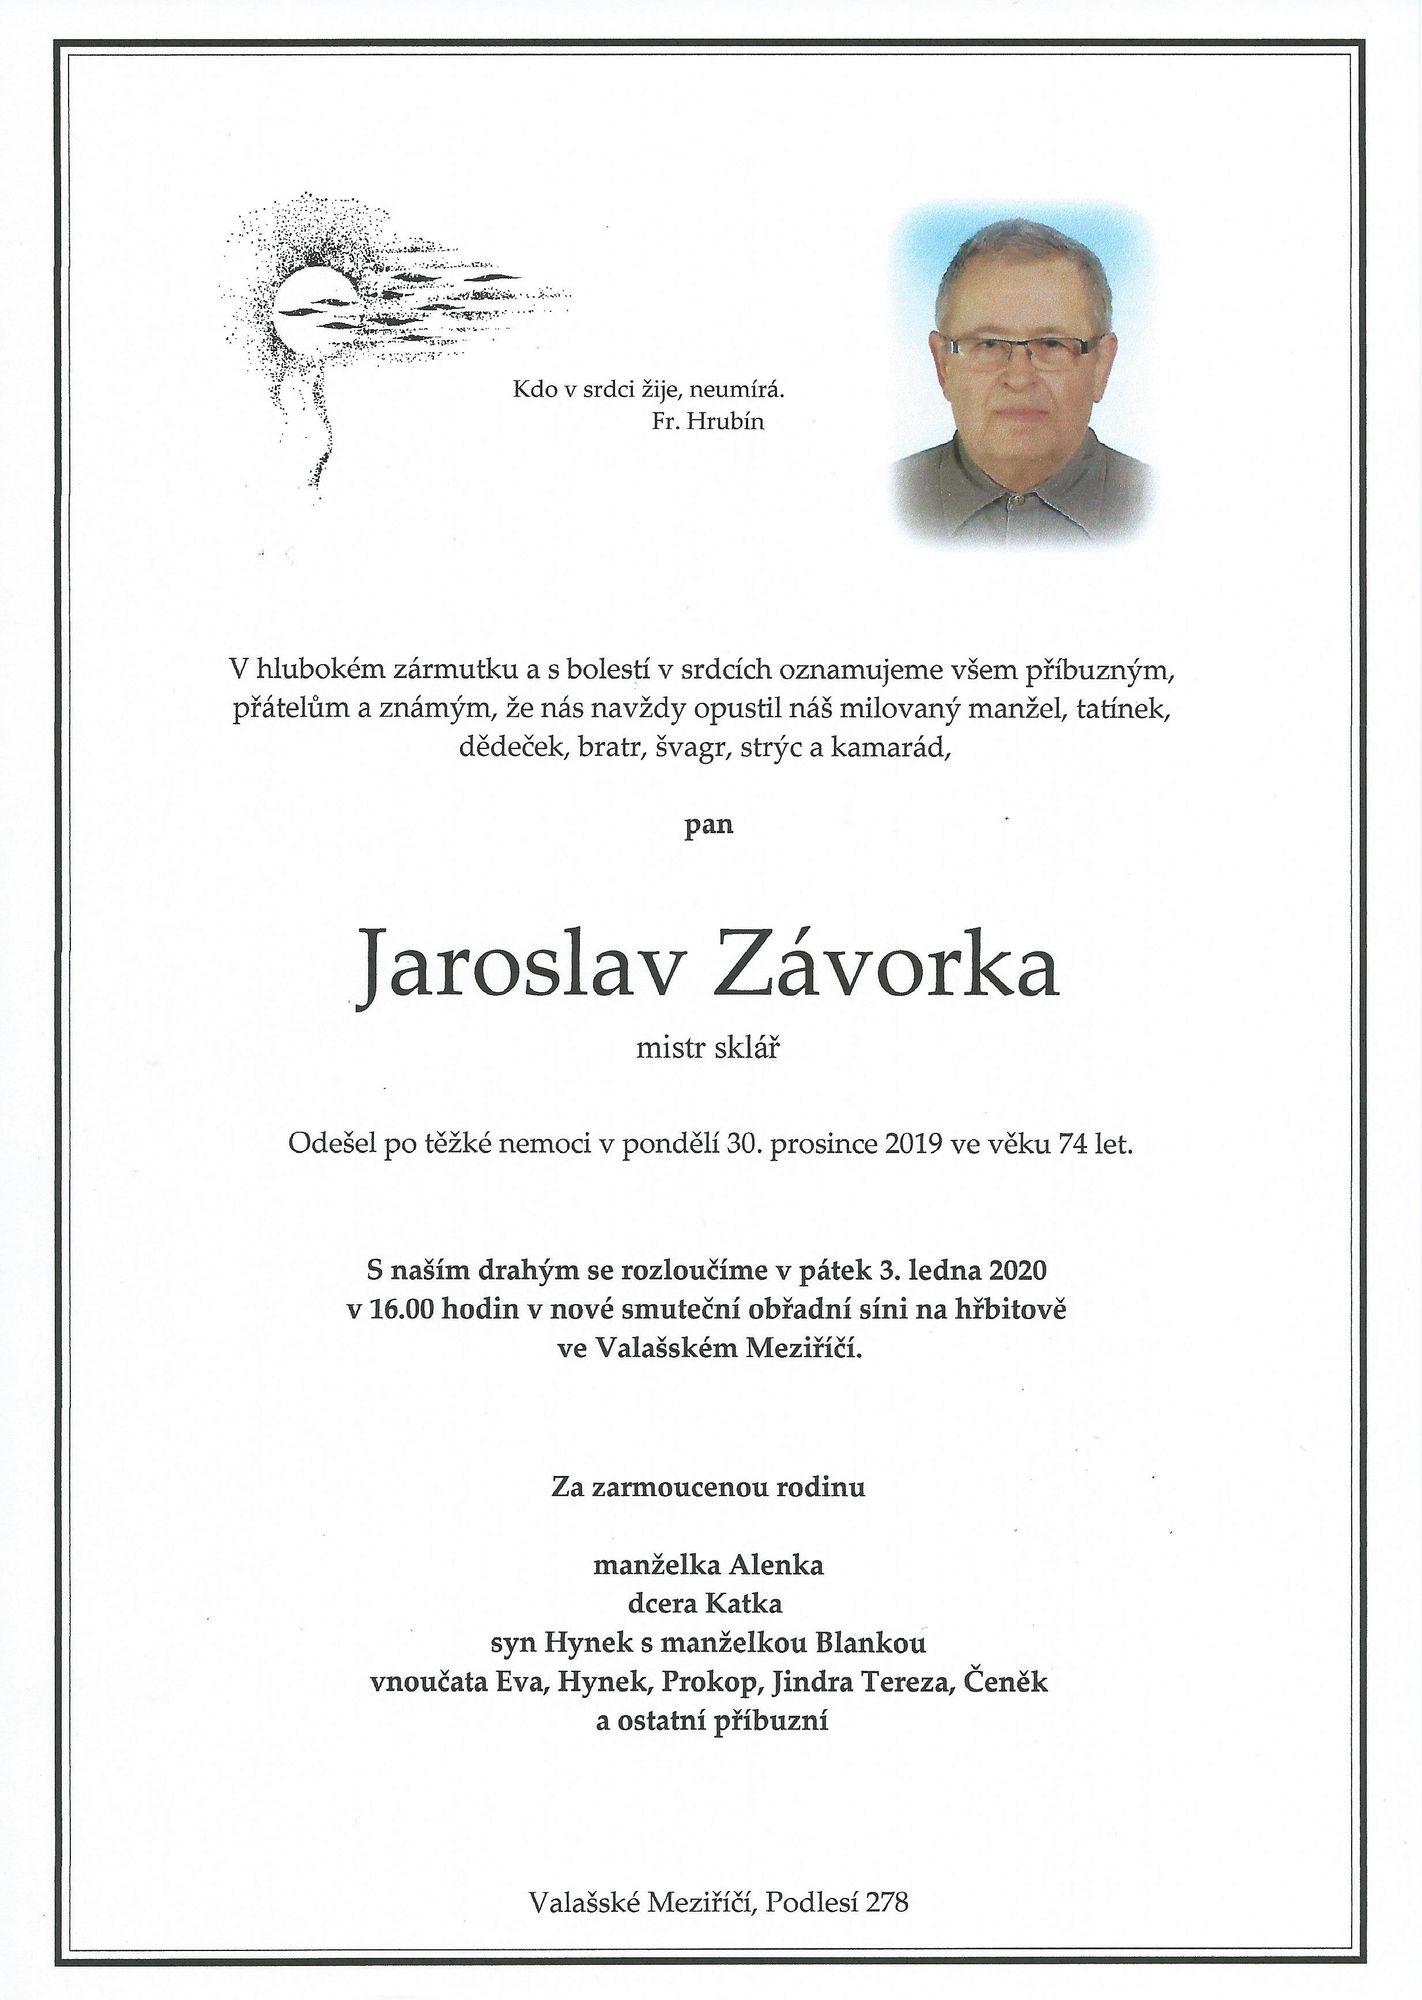 Jaroslav Závorka